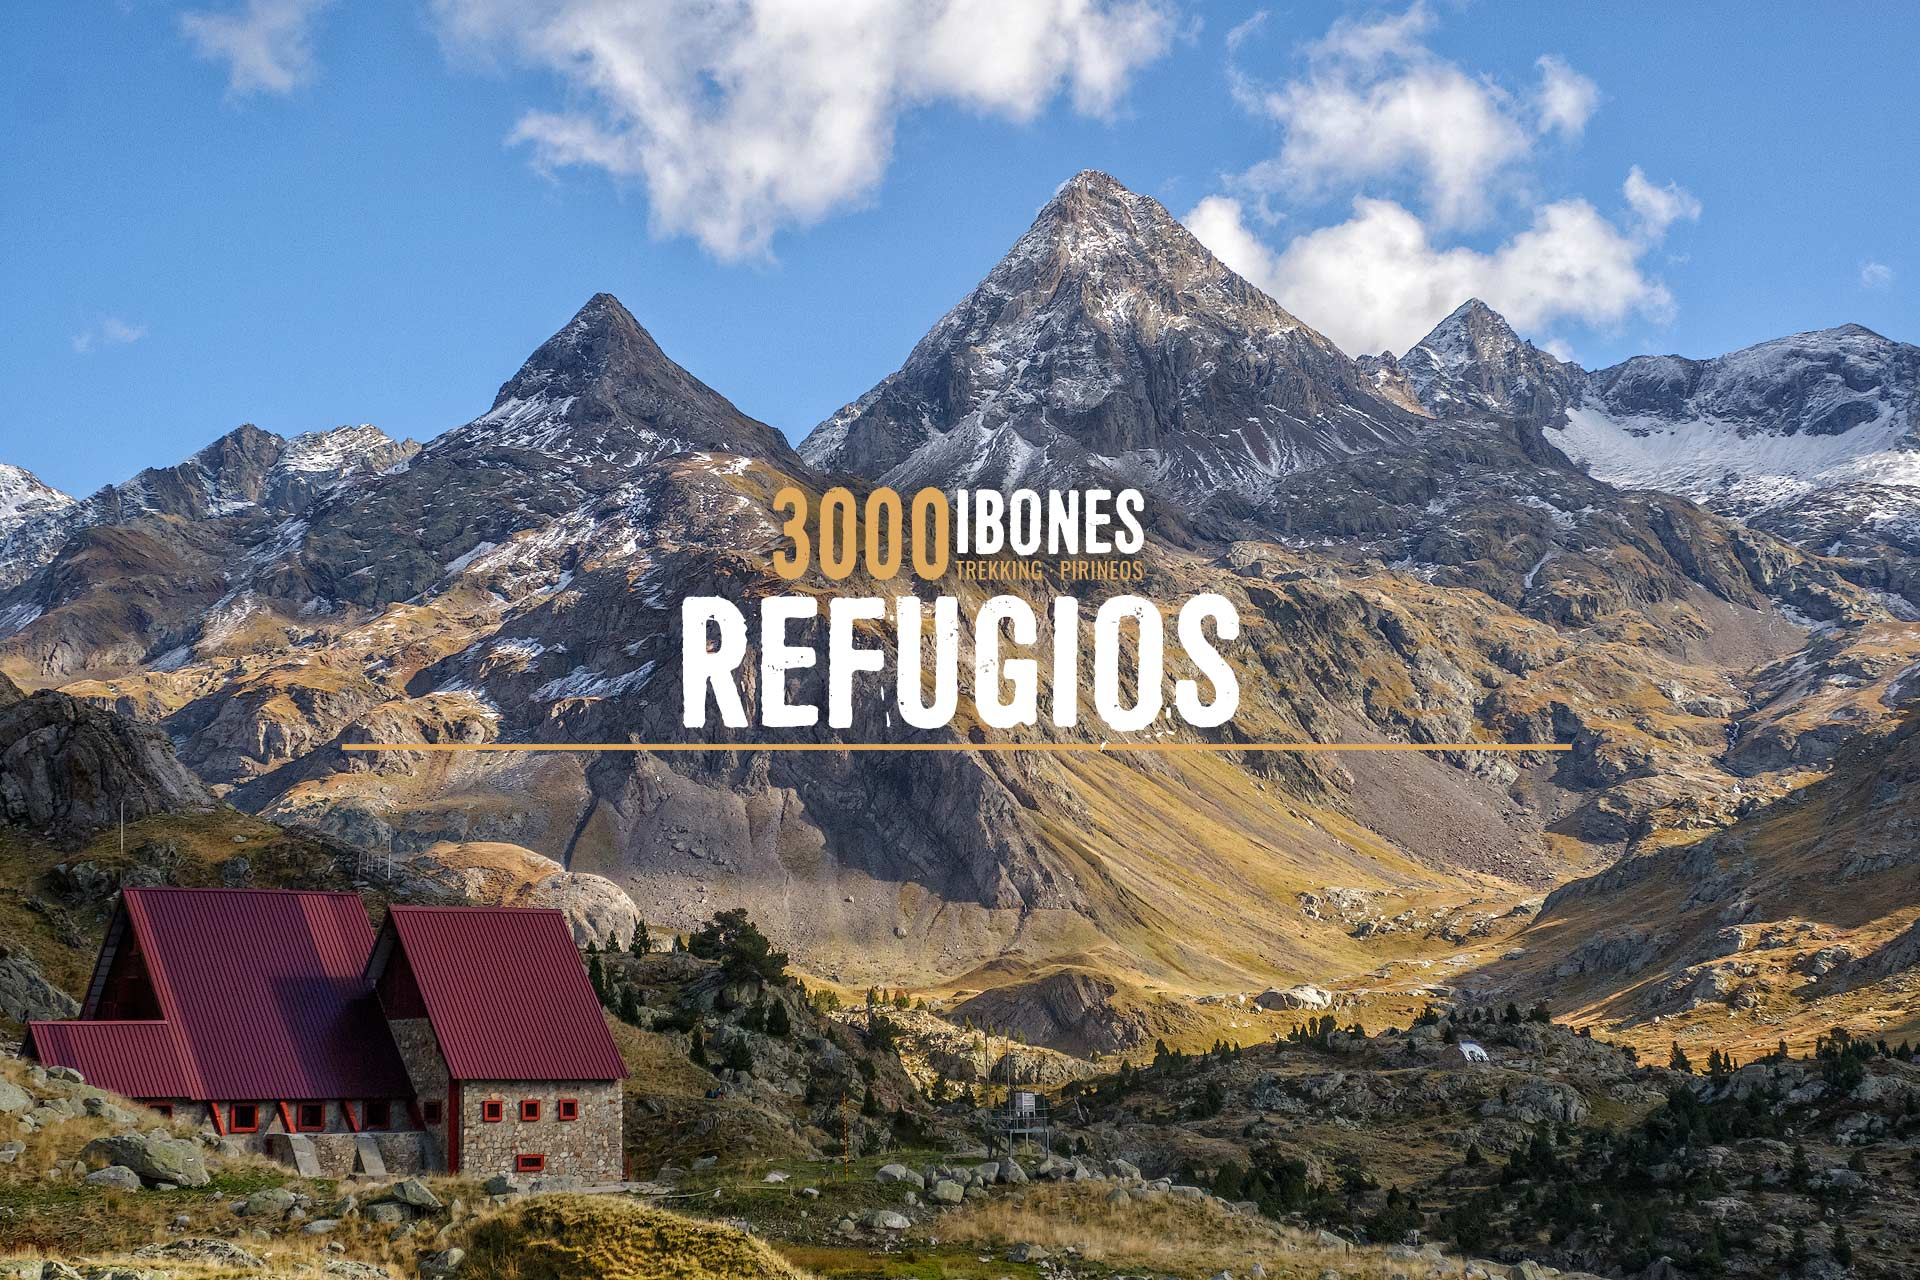 3000 IBONES REFUGIOS PIRINEOS